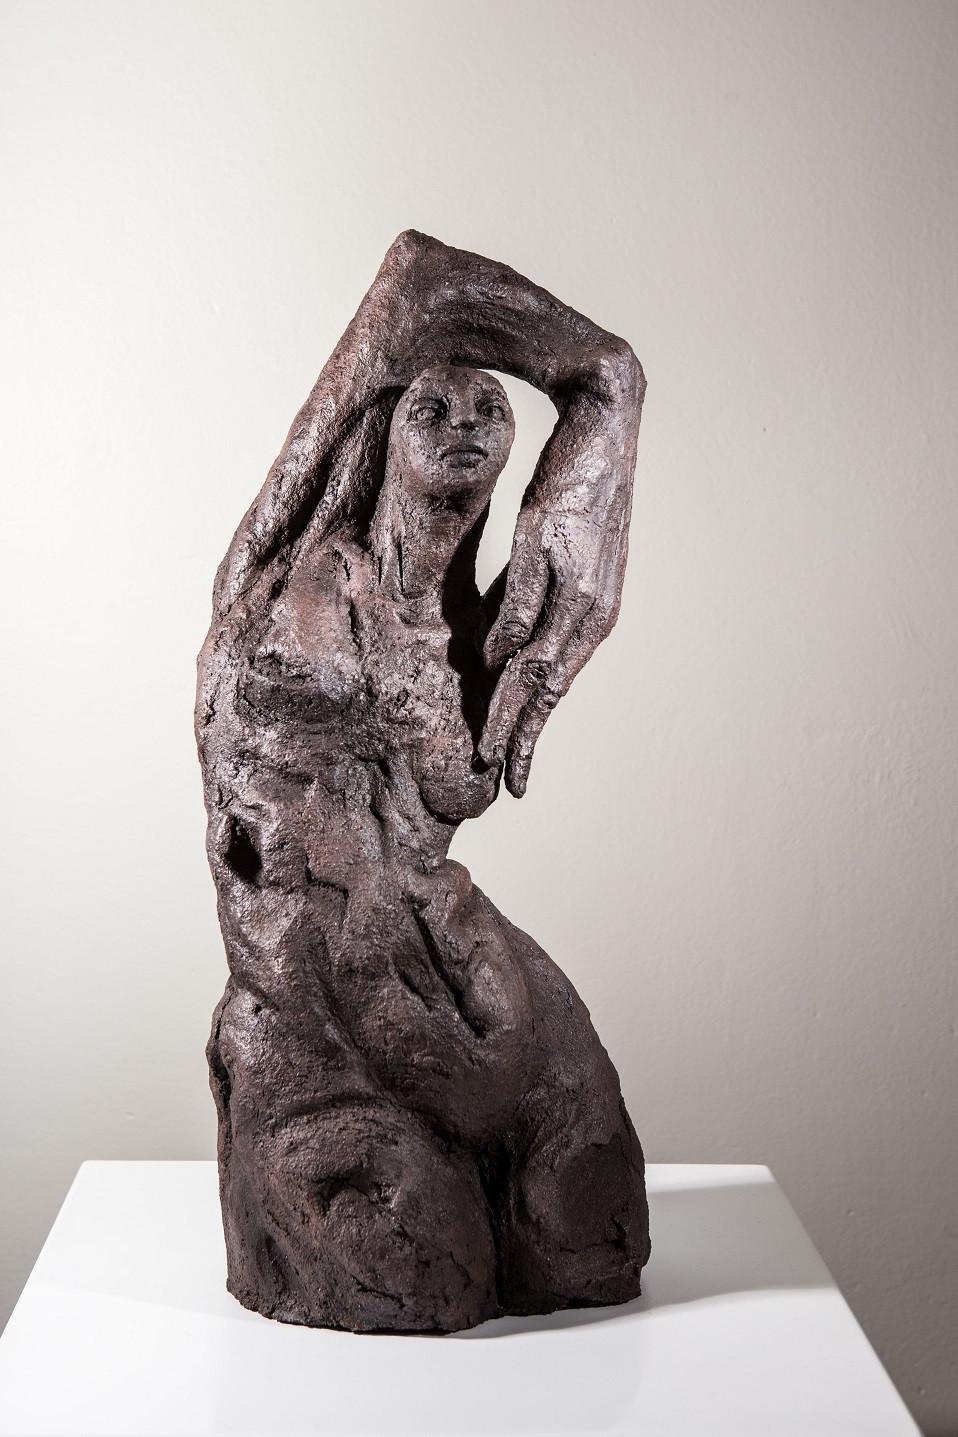 Caroline Chopin, Intimité, grès cérame, 50/21/17 cm, photographie Bénédicte Deleplanque